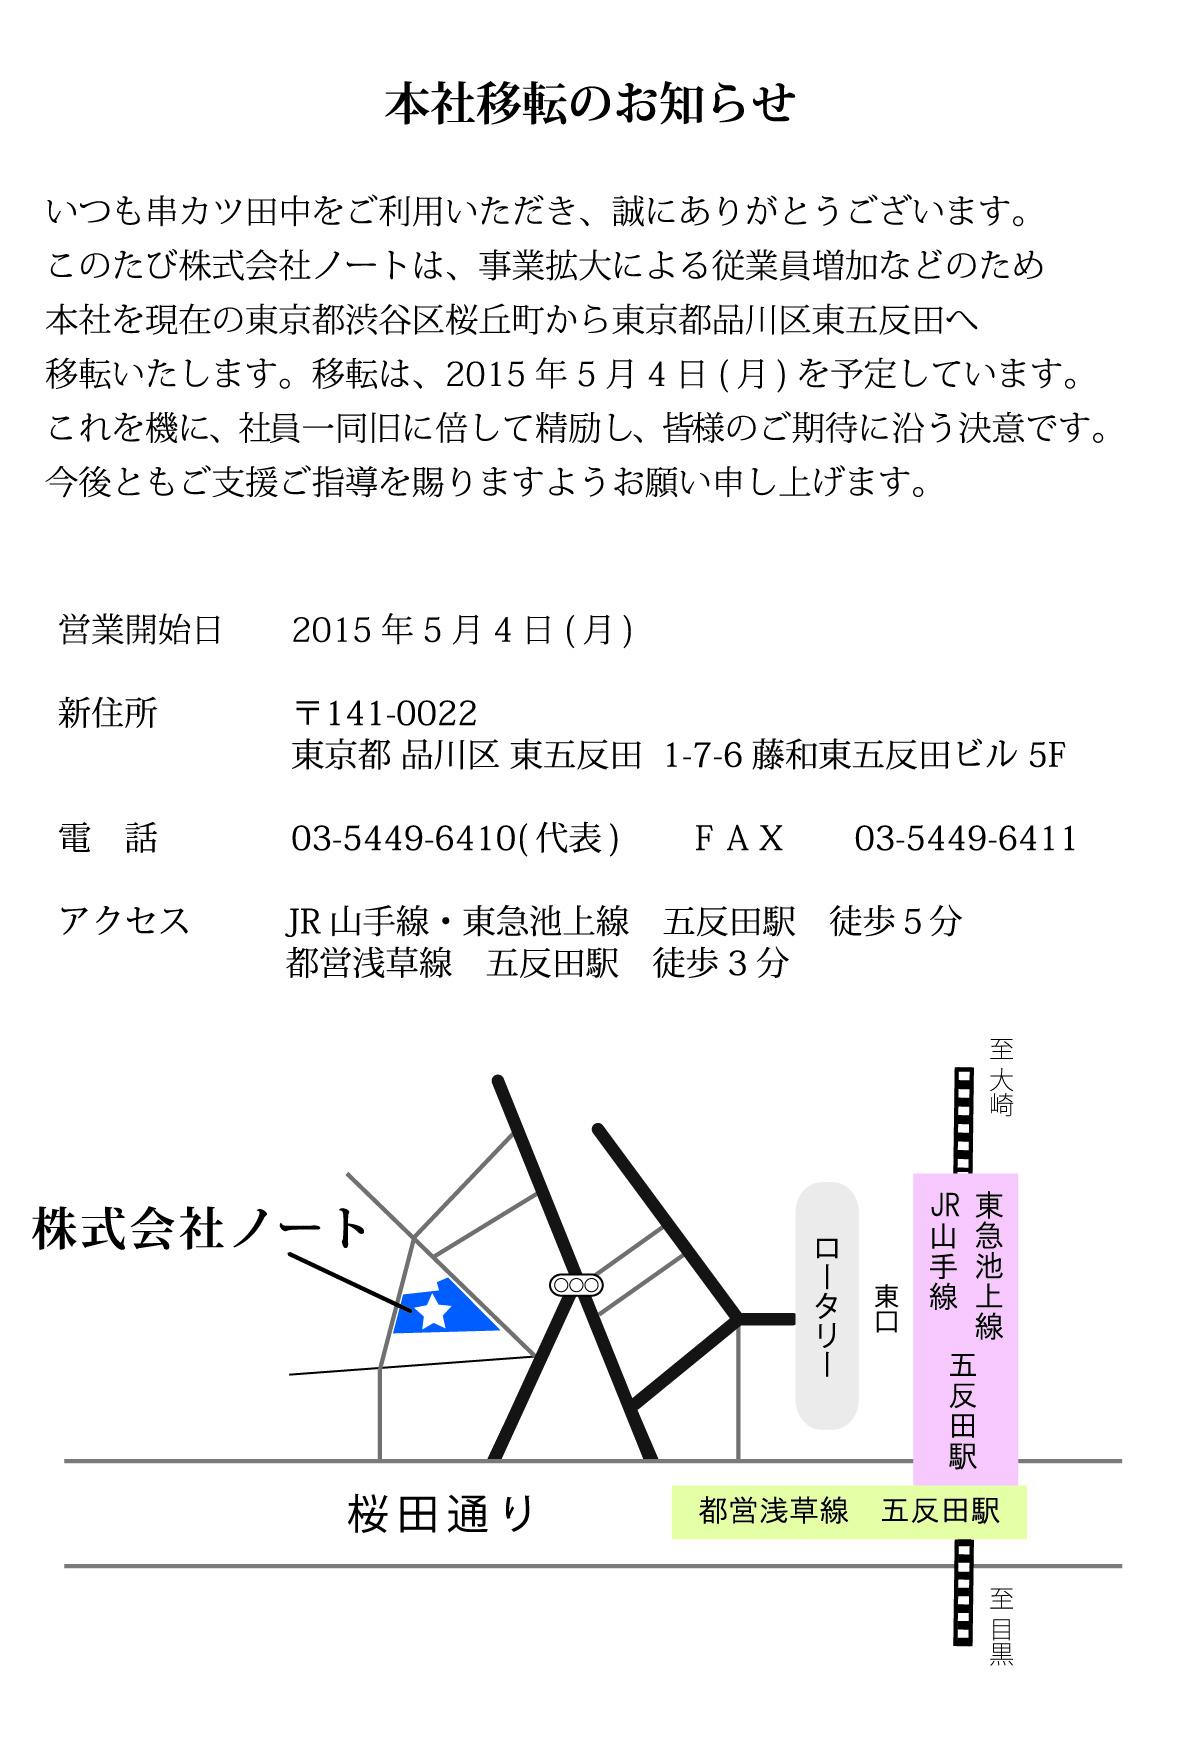 本社移転のお知らせ(2015/04/22) | お知らせ|串カツ田中